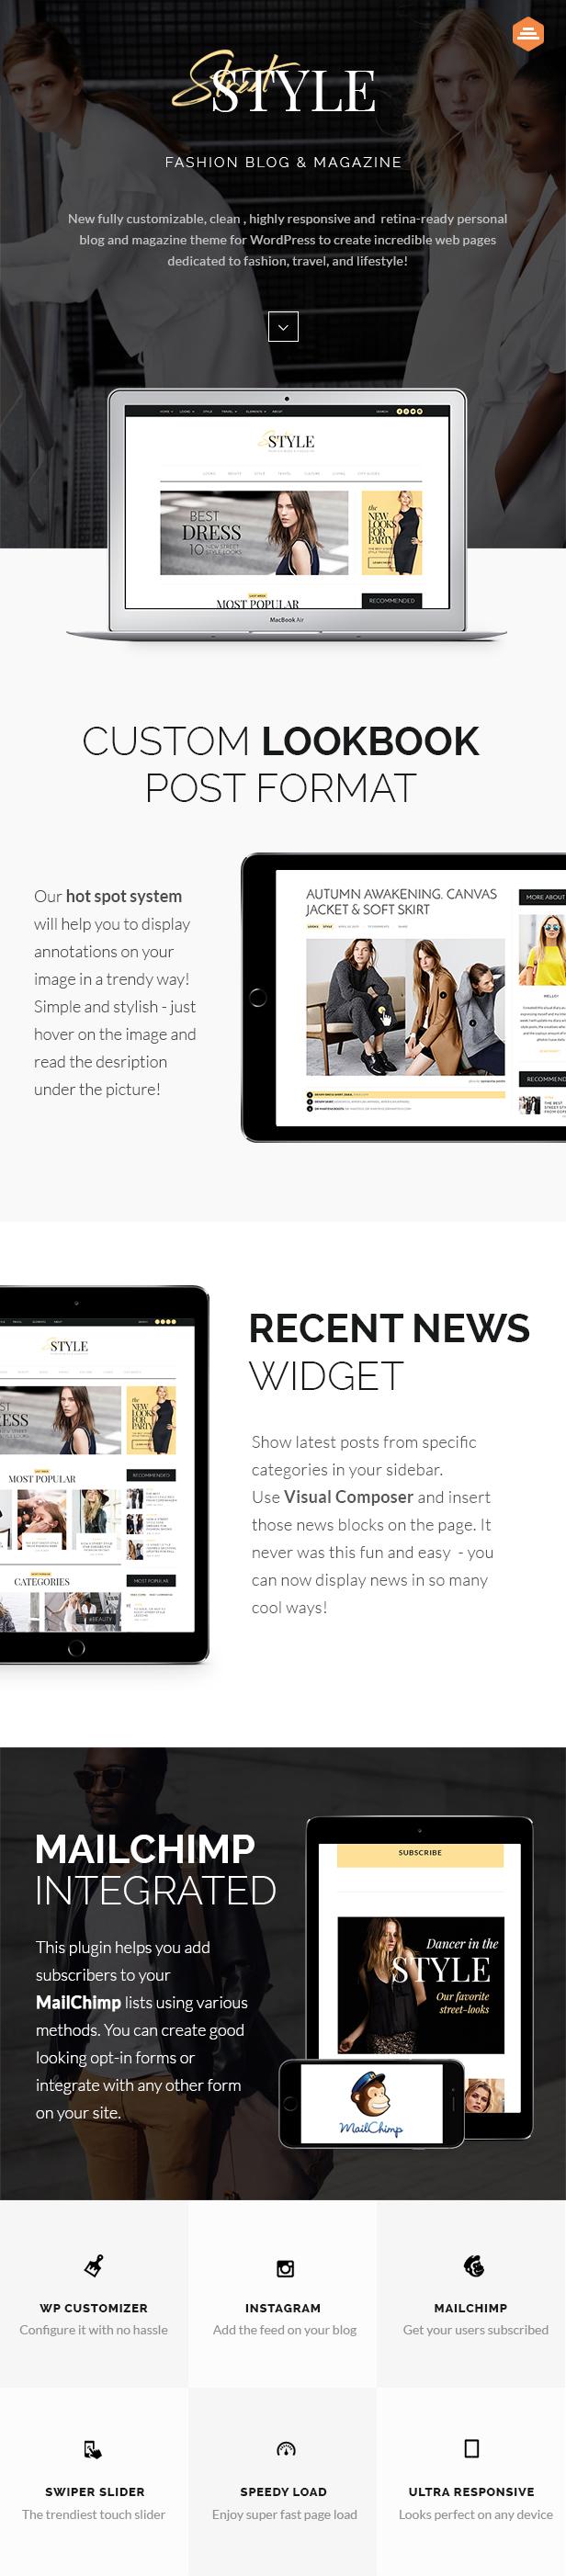 Street Style - Fashion & Lifestyle Personal Blog WordPress Theme - 1